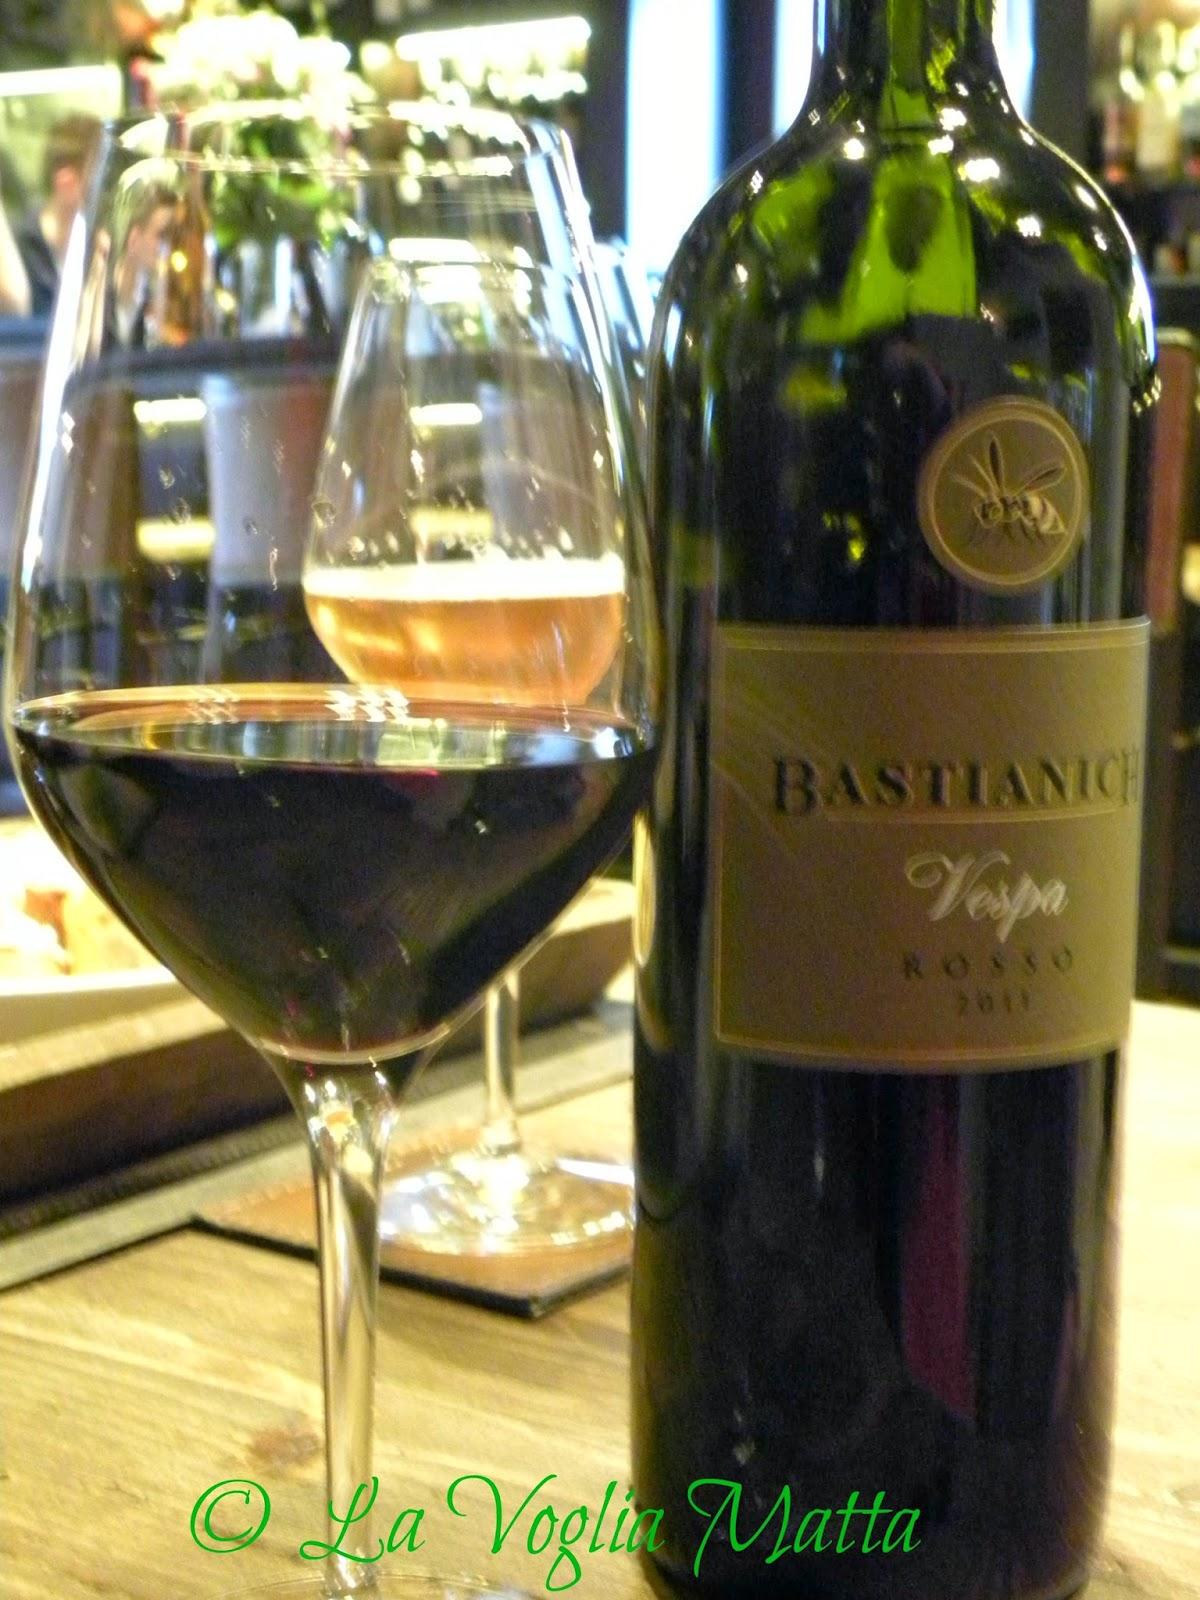 Bastianich vino Vespa rosso